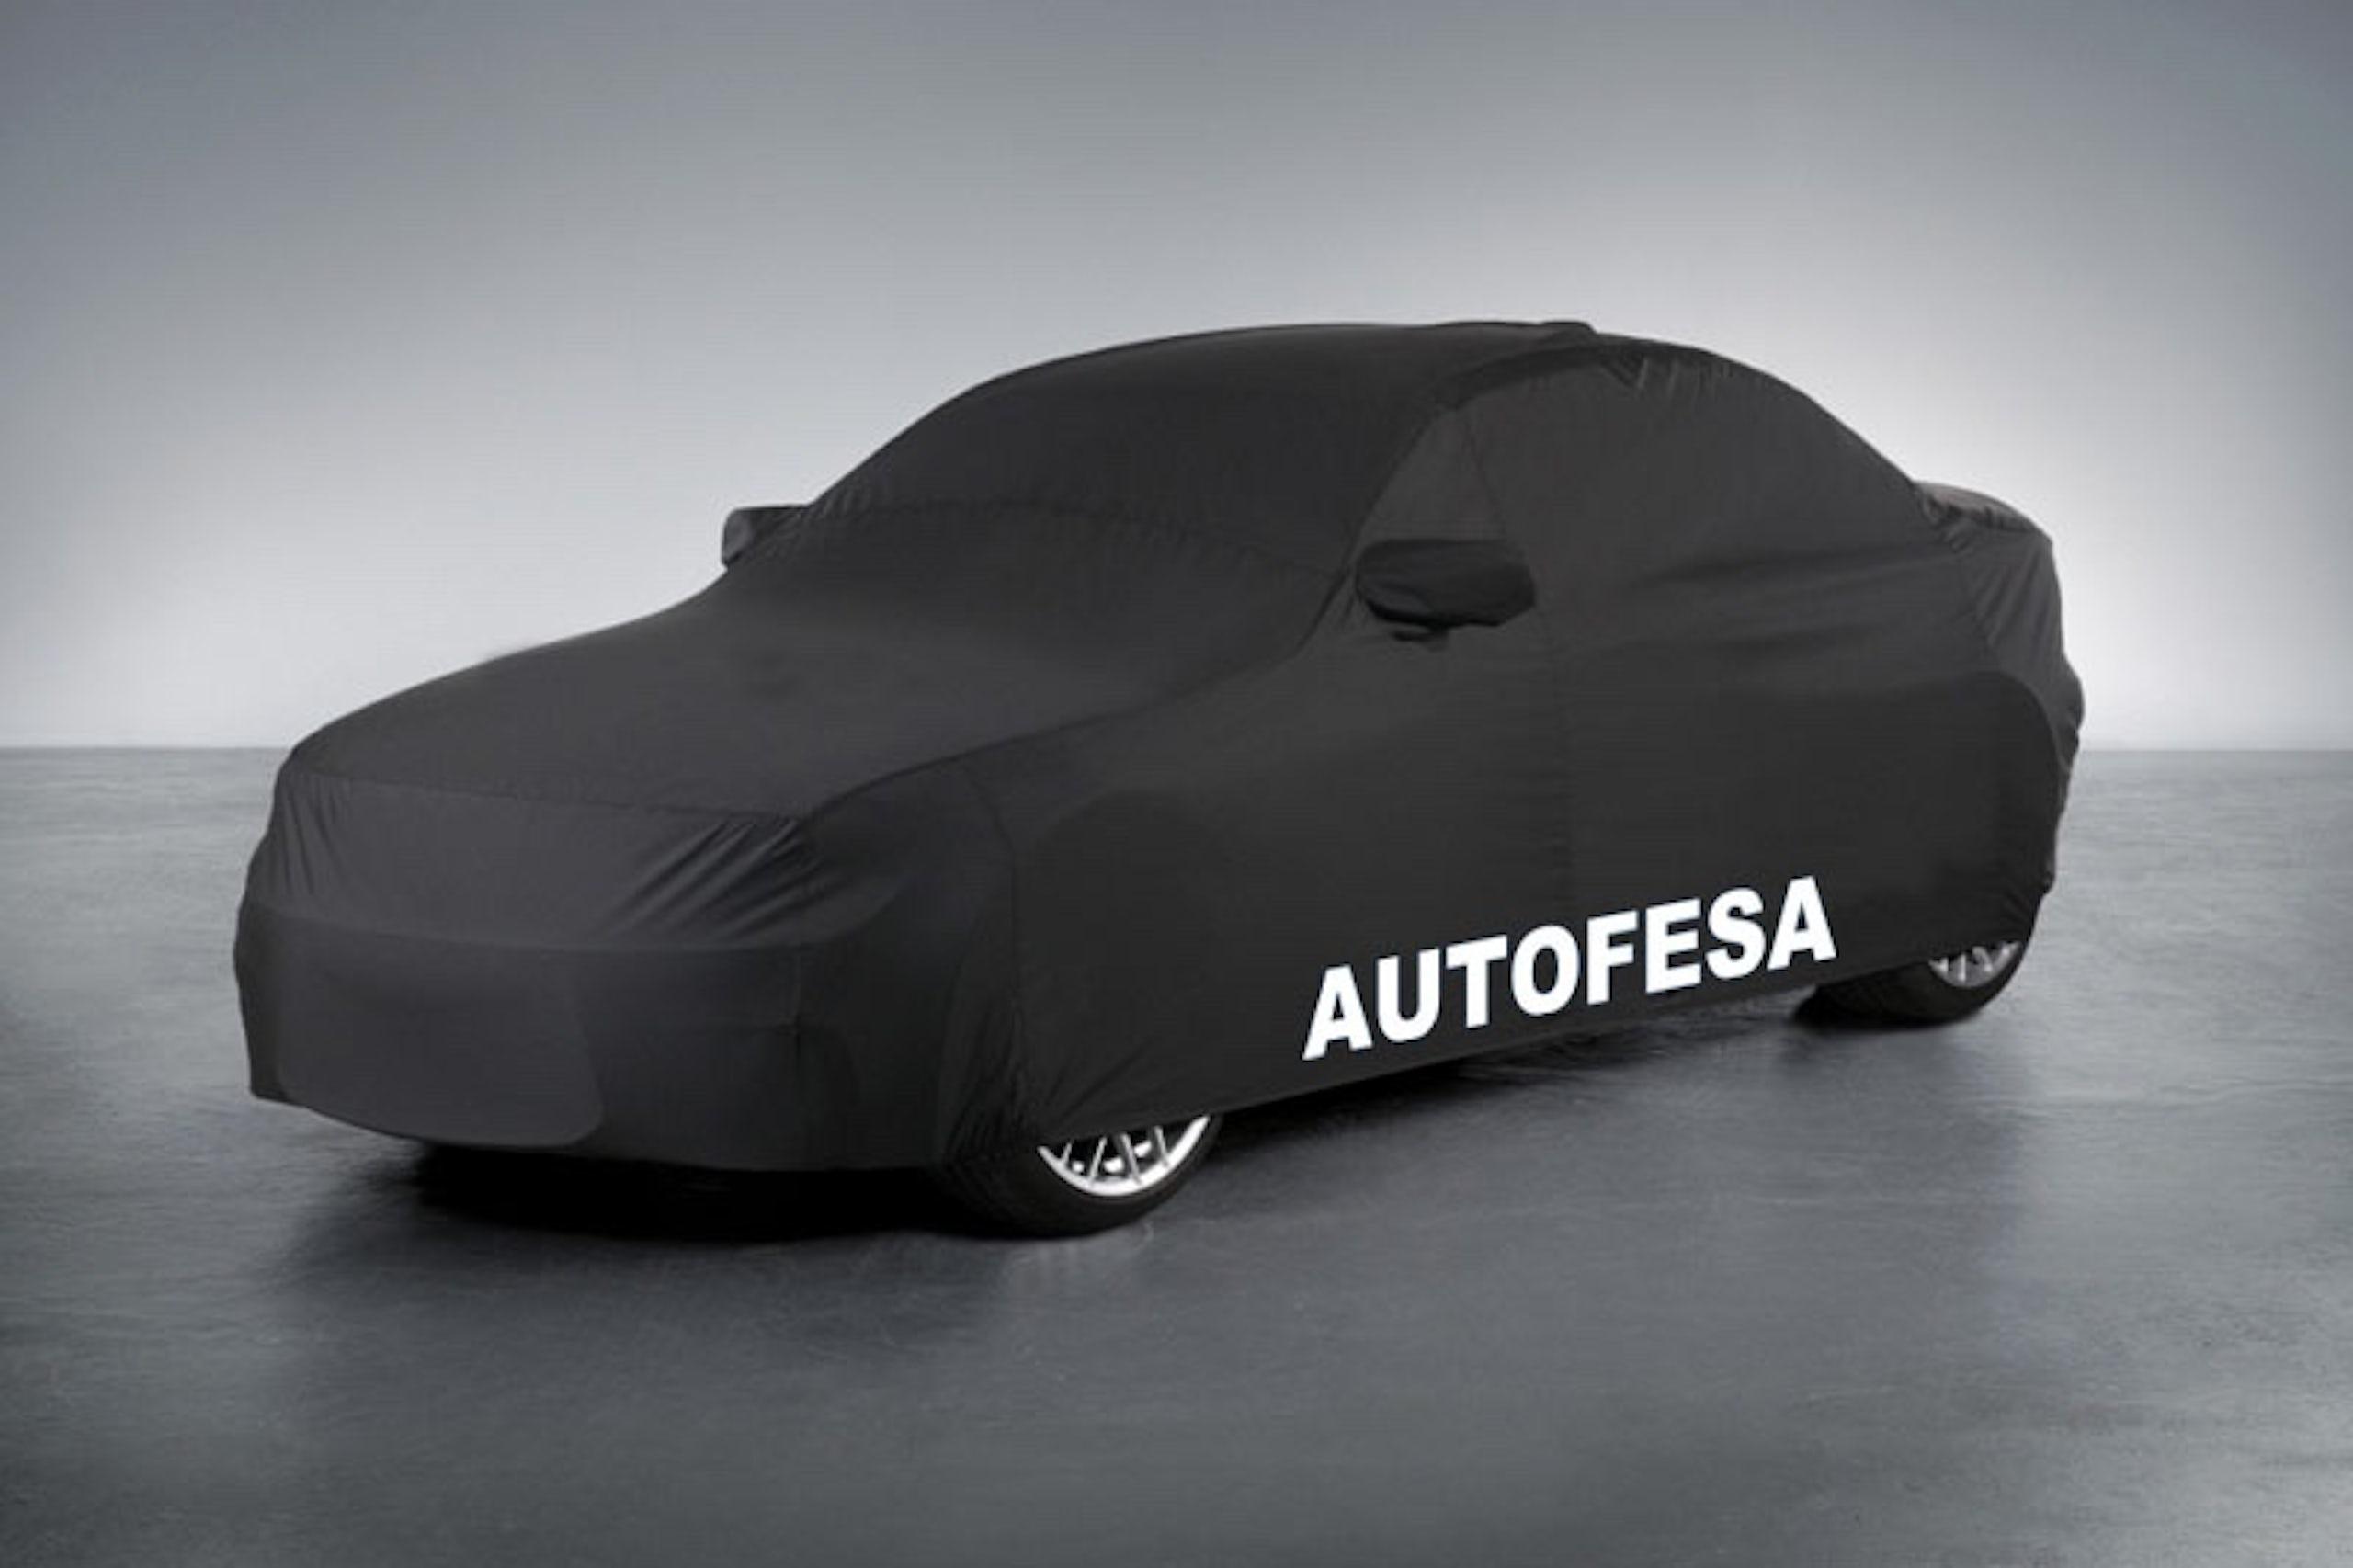 Audi A4 Avant 2.0 TDI 150cv Auto 5p S/S - Foto 18